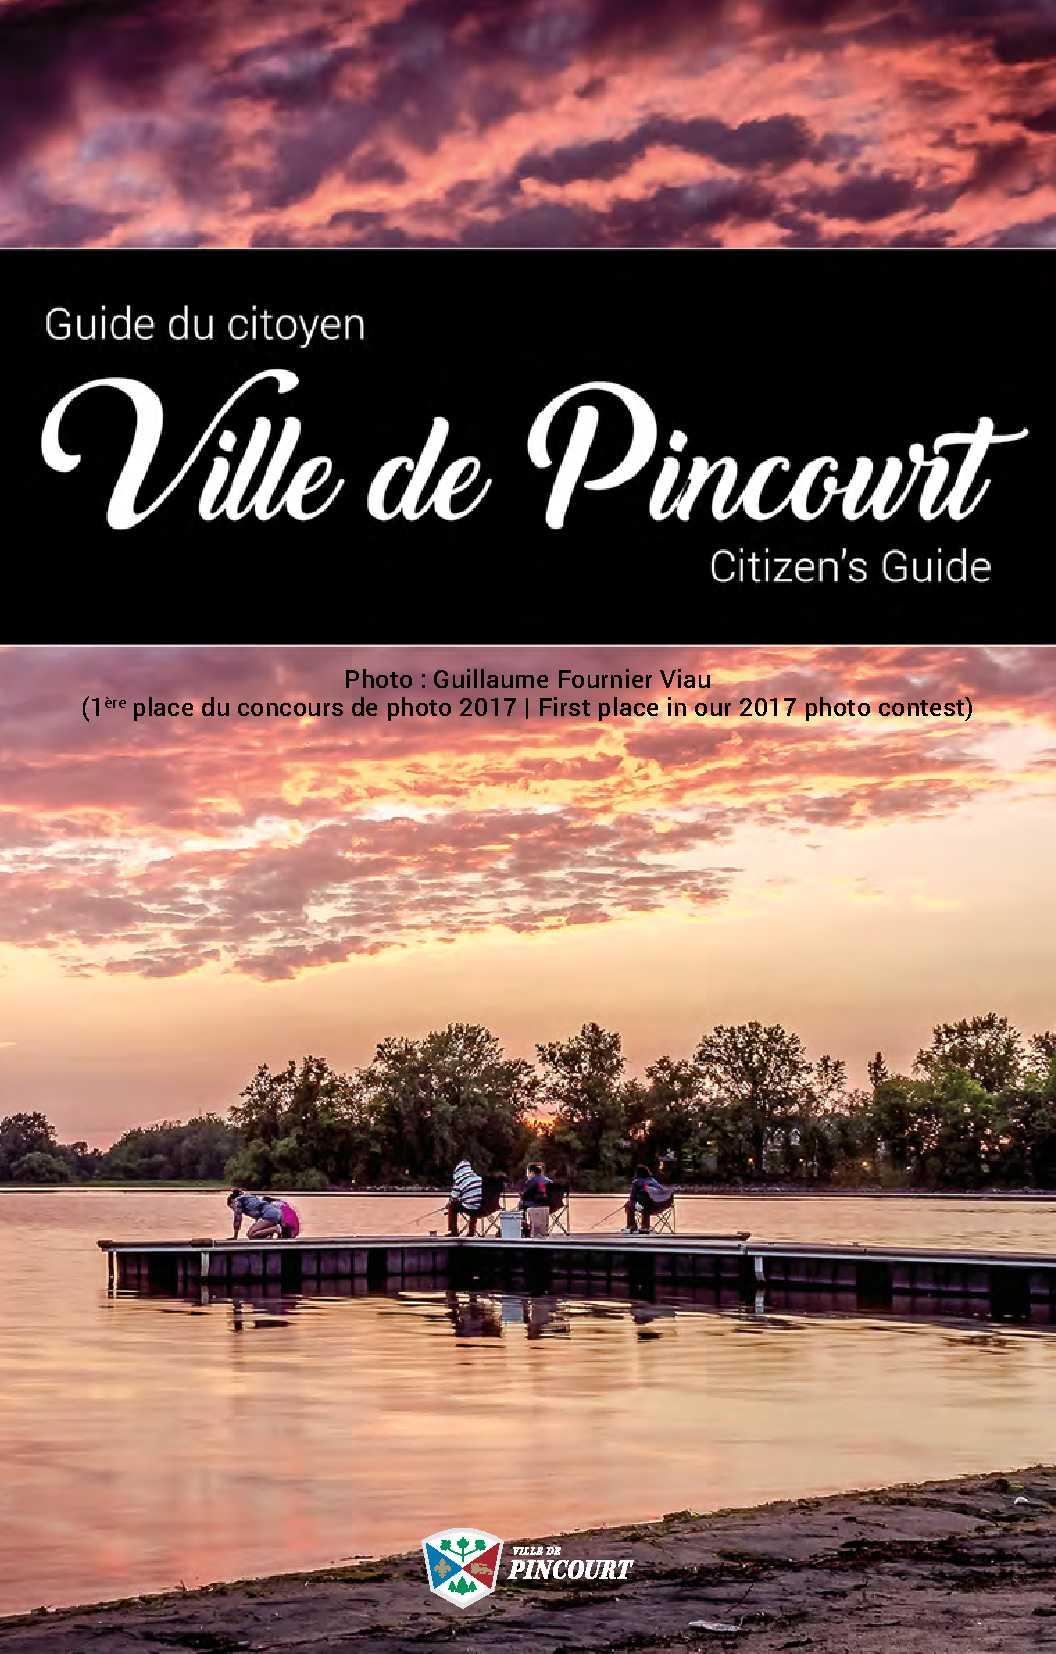 COVER-Guide-Citoyen_1.jpg (168 KB)